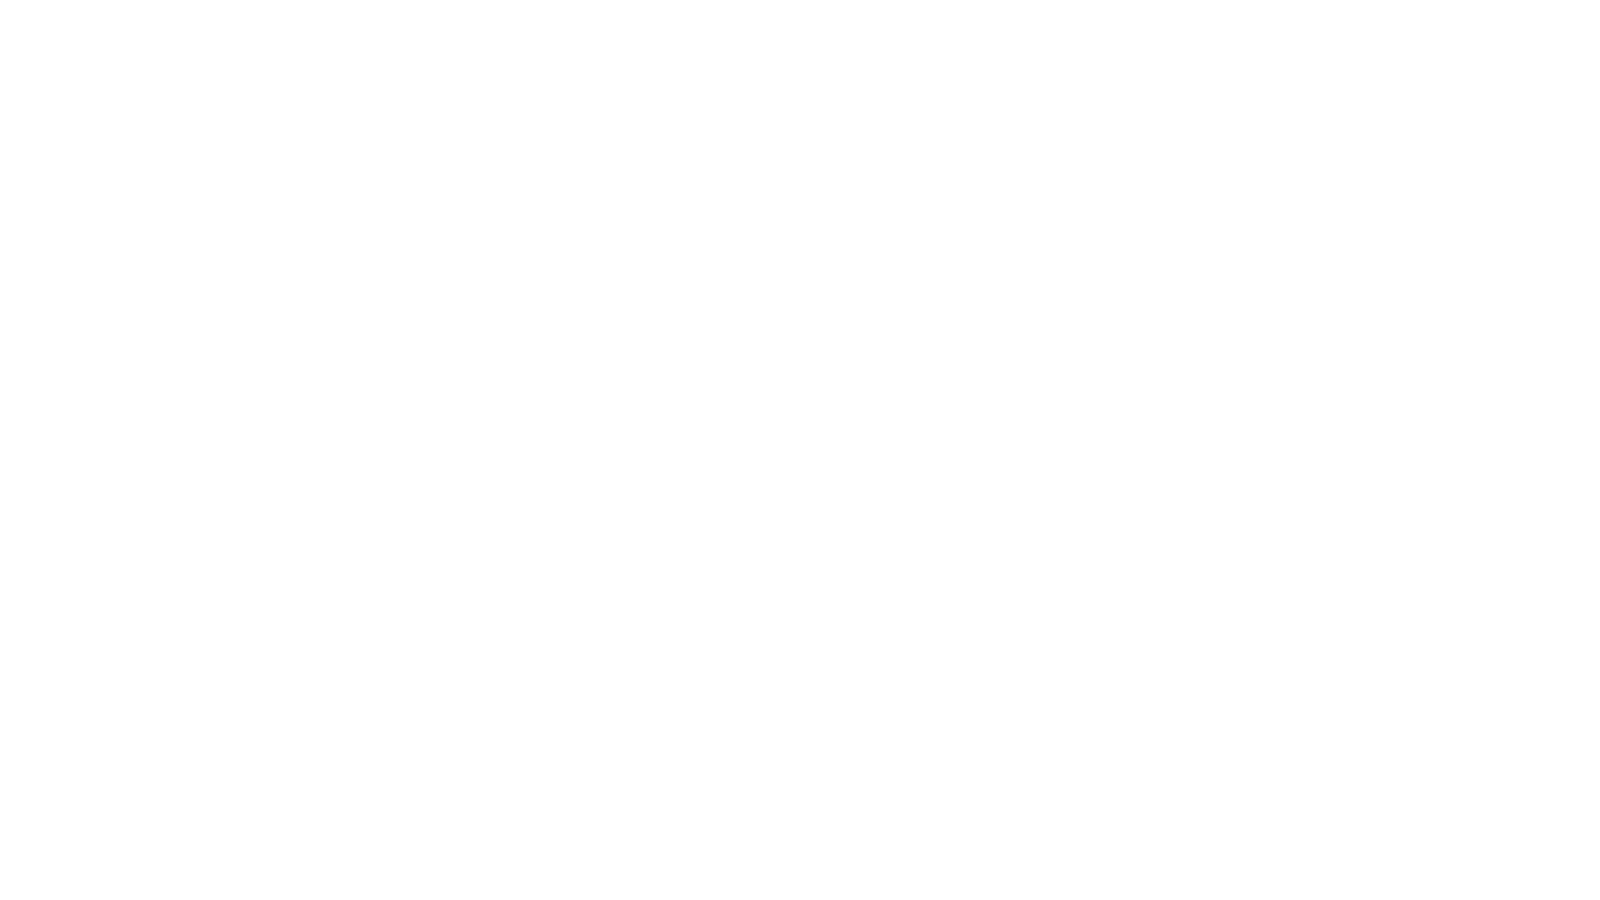 28 августа на картодроме «Пионер» состоялся 5 этап чемпионата Украины по хобби картингу «Кубок Городов» Всего собралось 43 пилота со всех городов Украины.  Соревнования проводились в нескольких категориях:  Зачет 95+ 1 место Антонюк Игорь 2 место Ерофеев Денис 3 место Еременко Иван  Зачет Юниор 1 место Ядреннцов Никита 2 место Лемко Анжелика 3 место Севрюков Леша   Зачет Женский 1 место Лемко Анжелика 2 место Коршикова Юля 3 место Чередниченко Алена   Зачет Абсолют 1 место Половинко Богдан 2 место Иванченко Максим 3 место Бойко Дима